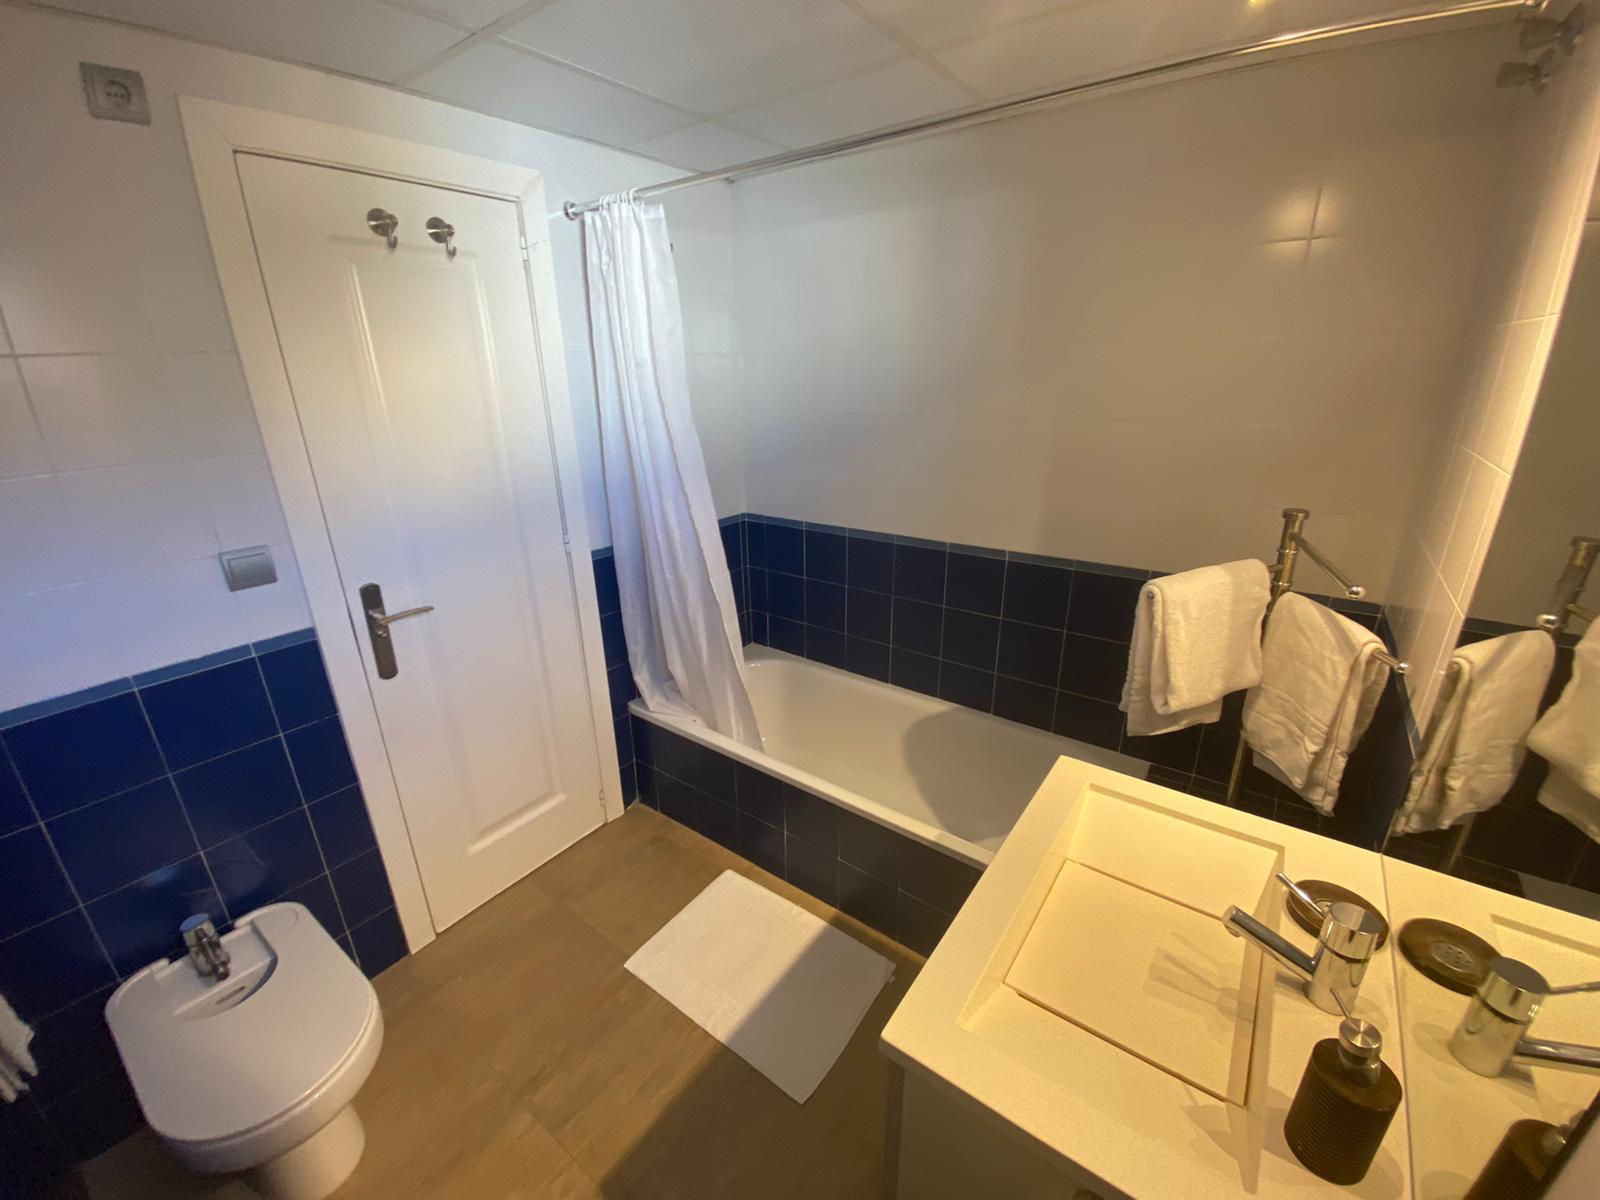 Imagen 46 del Apartamento Turístico, Ático 1 Levante (3d+2b), Punta del Moral (HUELVA), Paseo de la Cruz nº22